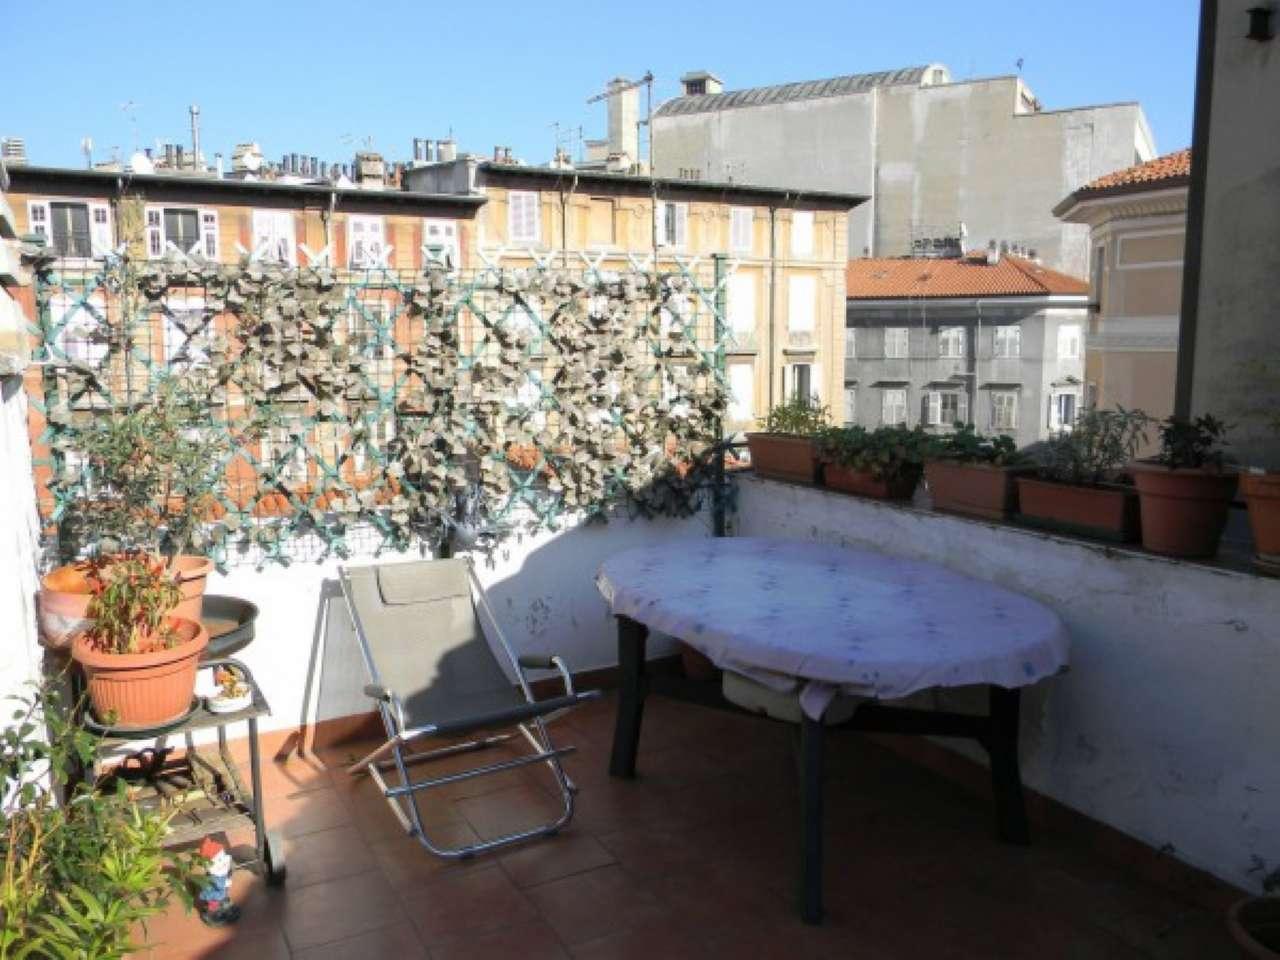 Attico / Mansarda in vendita a Trieste, 3 locali, prezzo € 69.000   Cambio Casa.it